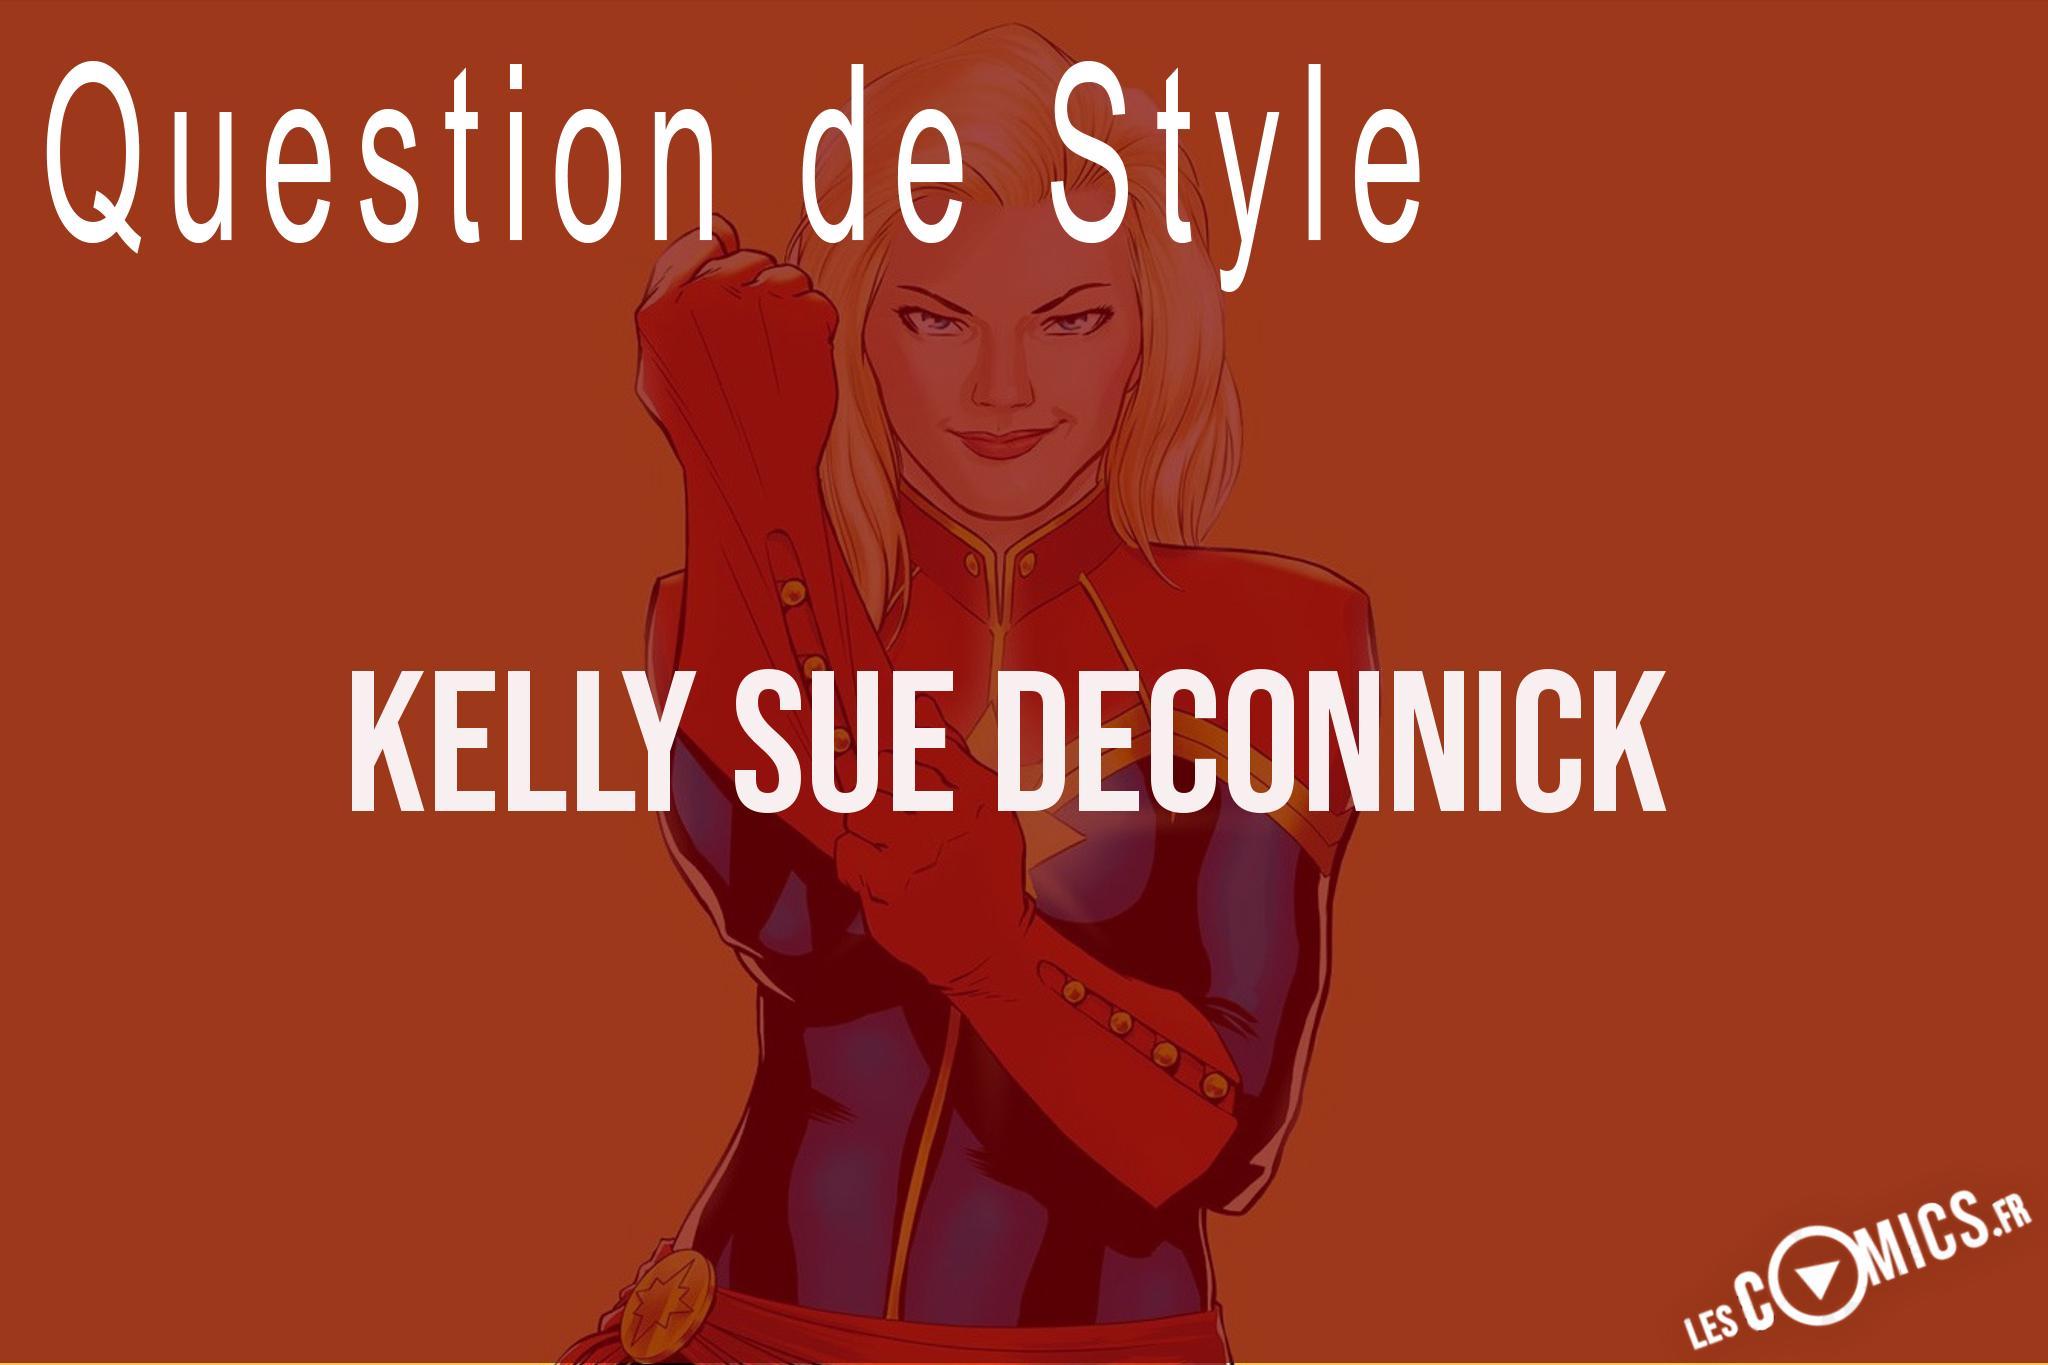 Kelly Sue DeConnick vignette